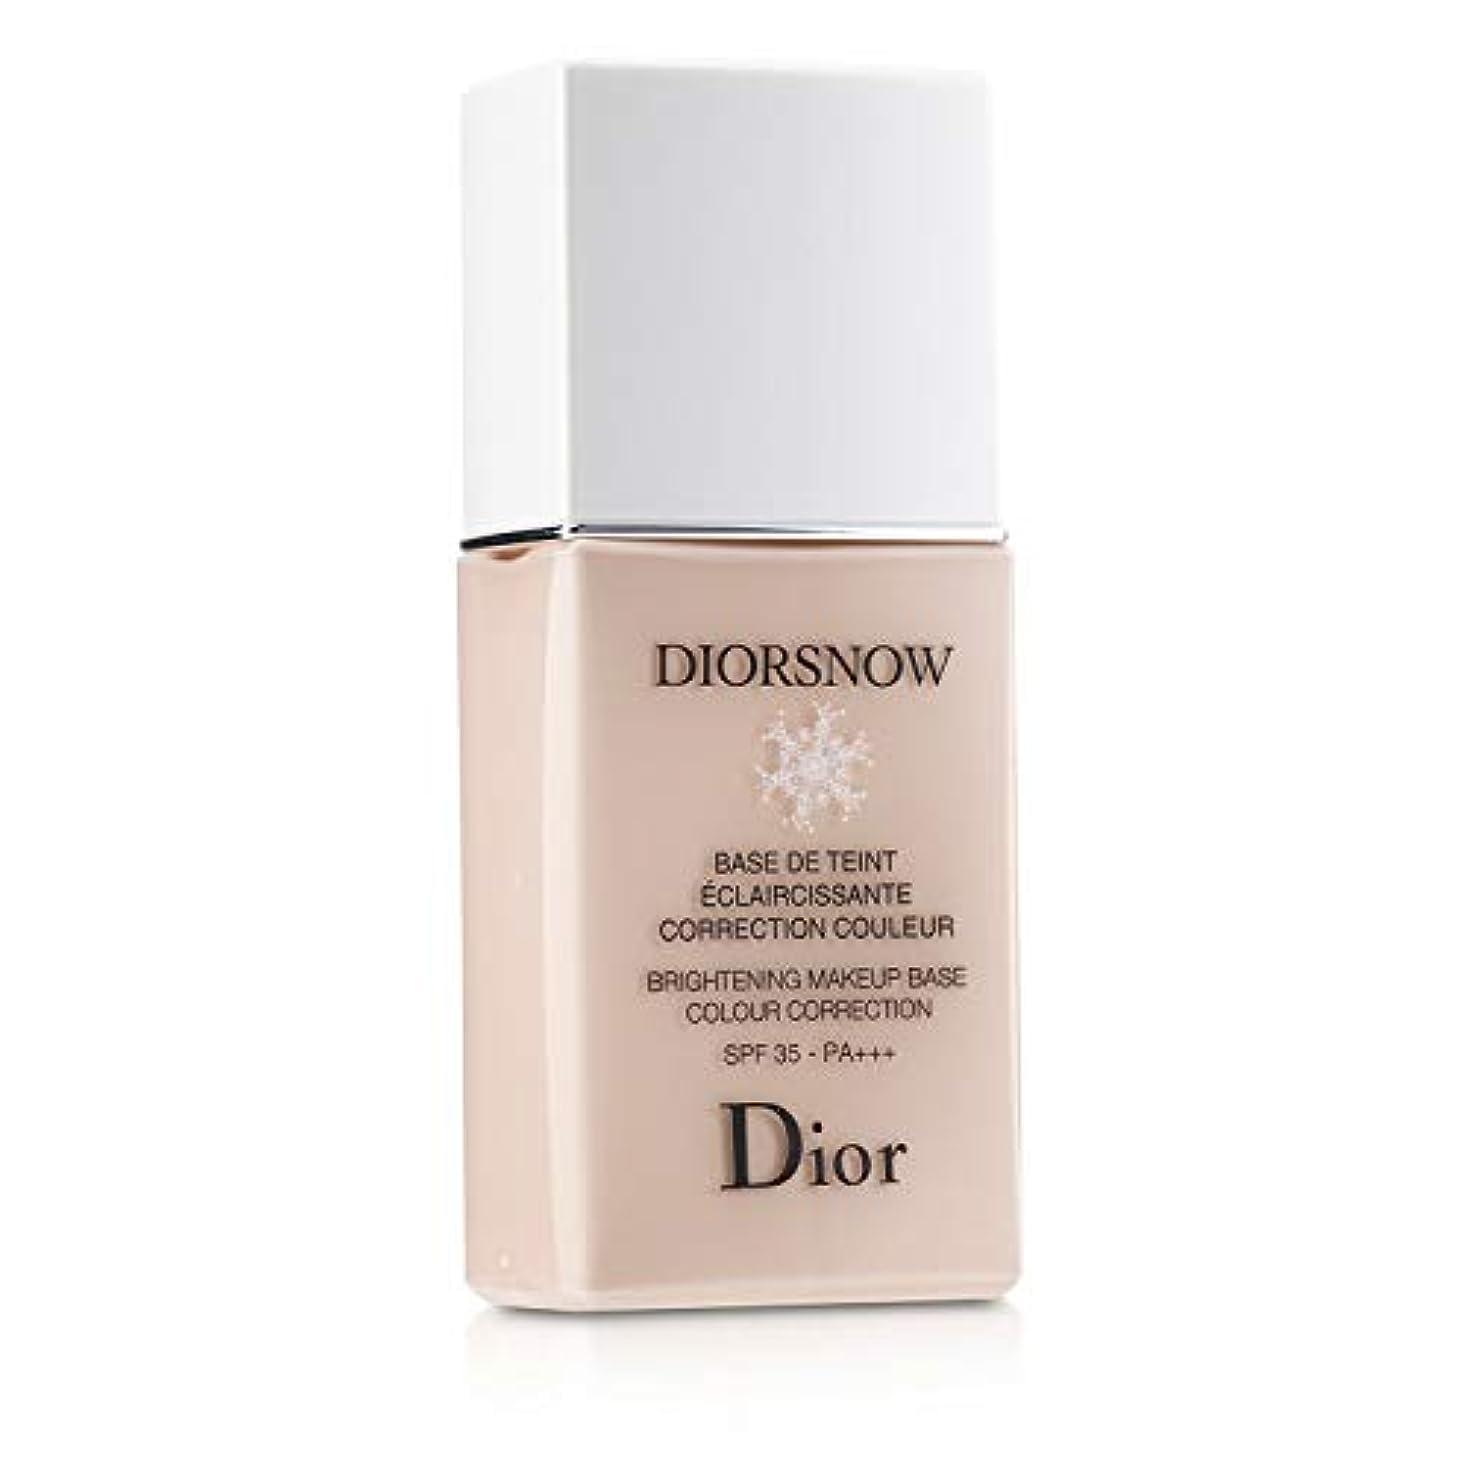 津波植物学者エールクリスチャン ディオール Diorsnow Brightening Makeup Base Colour Correction SPF35 - # Rose 30ml/1oz並行輸入品